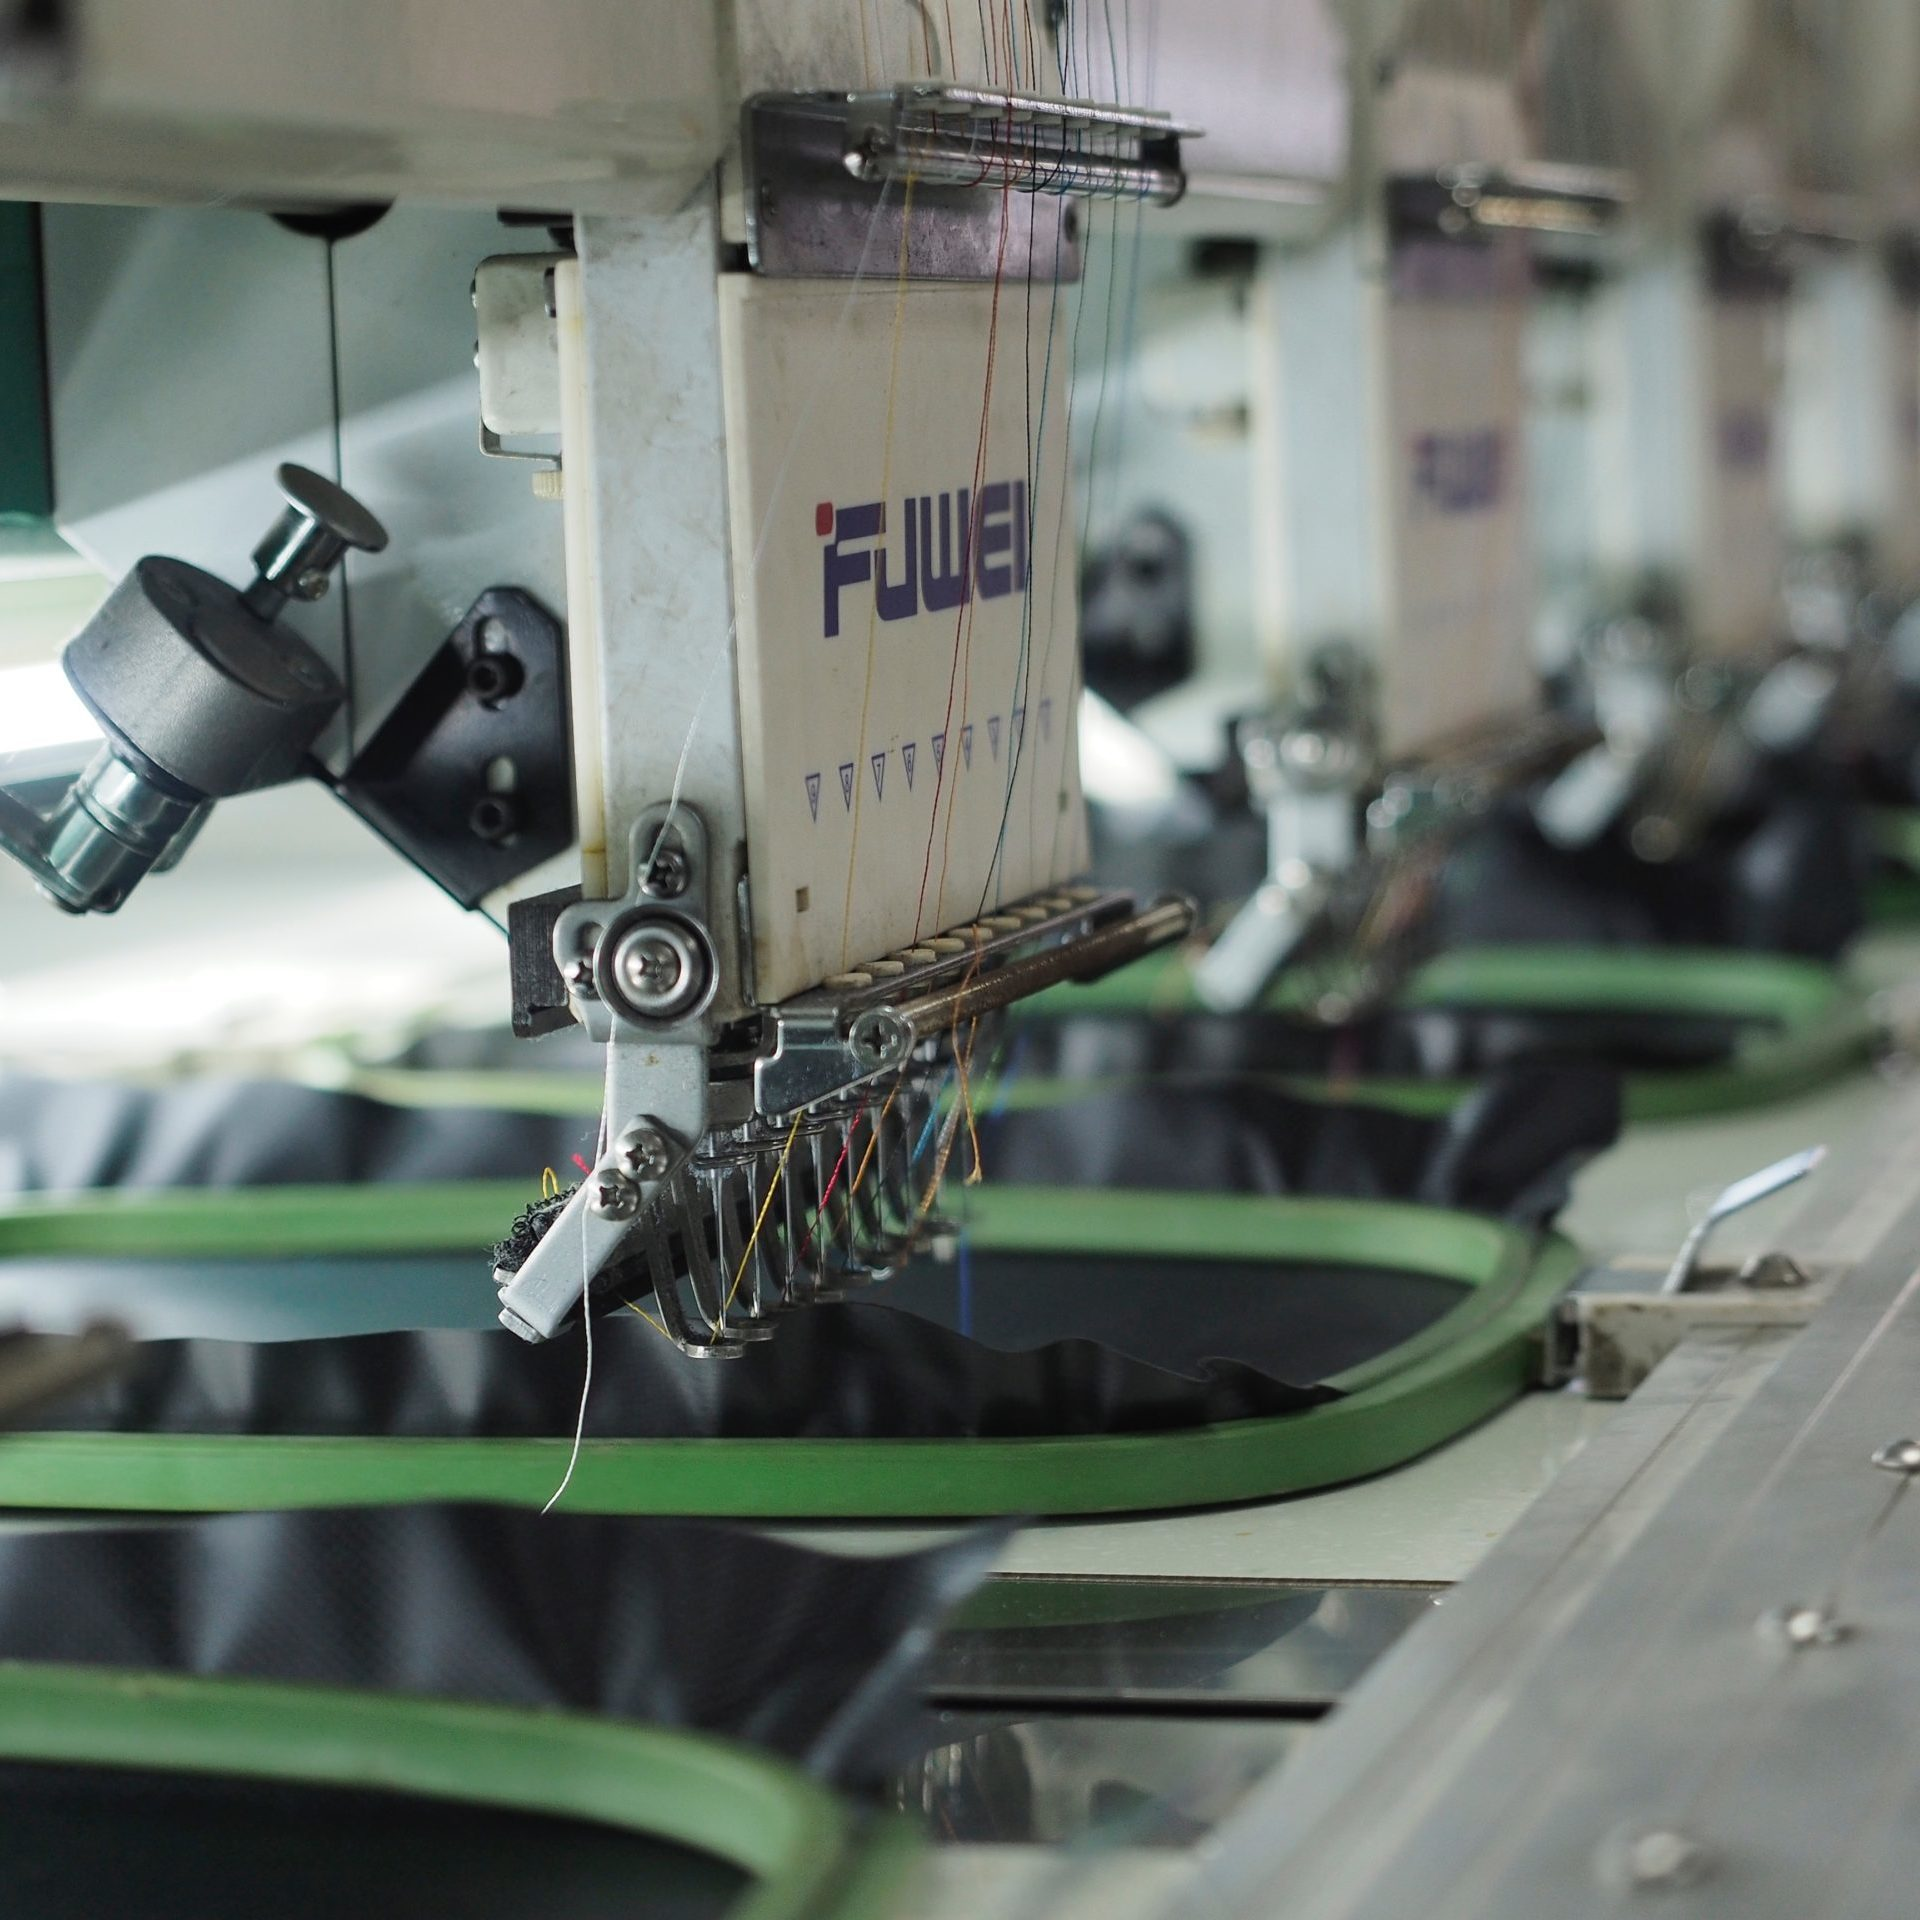 Stivo Consultancy | Productiemanager voor productiebedrijven | Stivo helpt